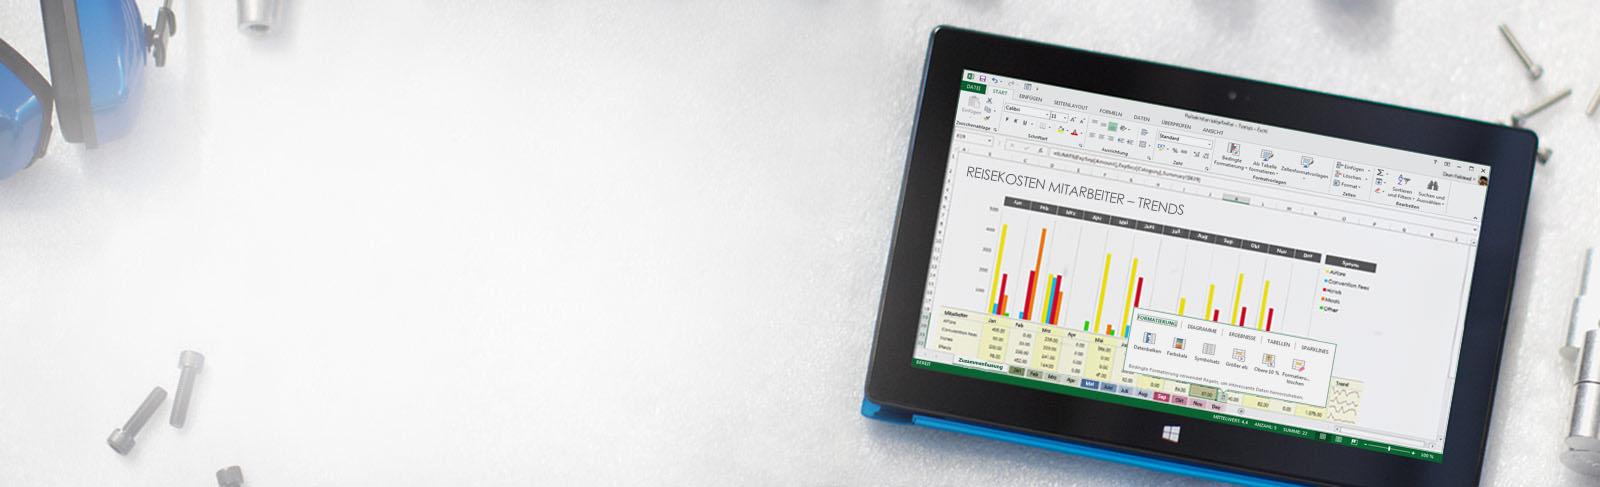 Office 365 – Geschäftstools, auf die Sie zählen können. Jederzeit. Überall.